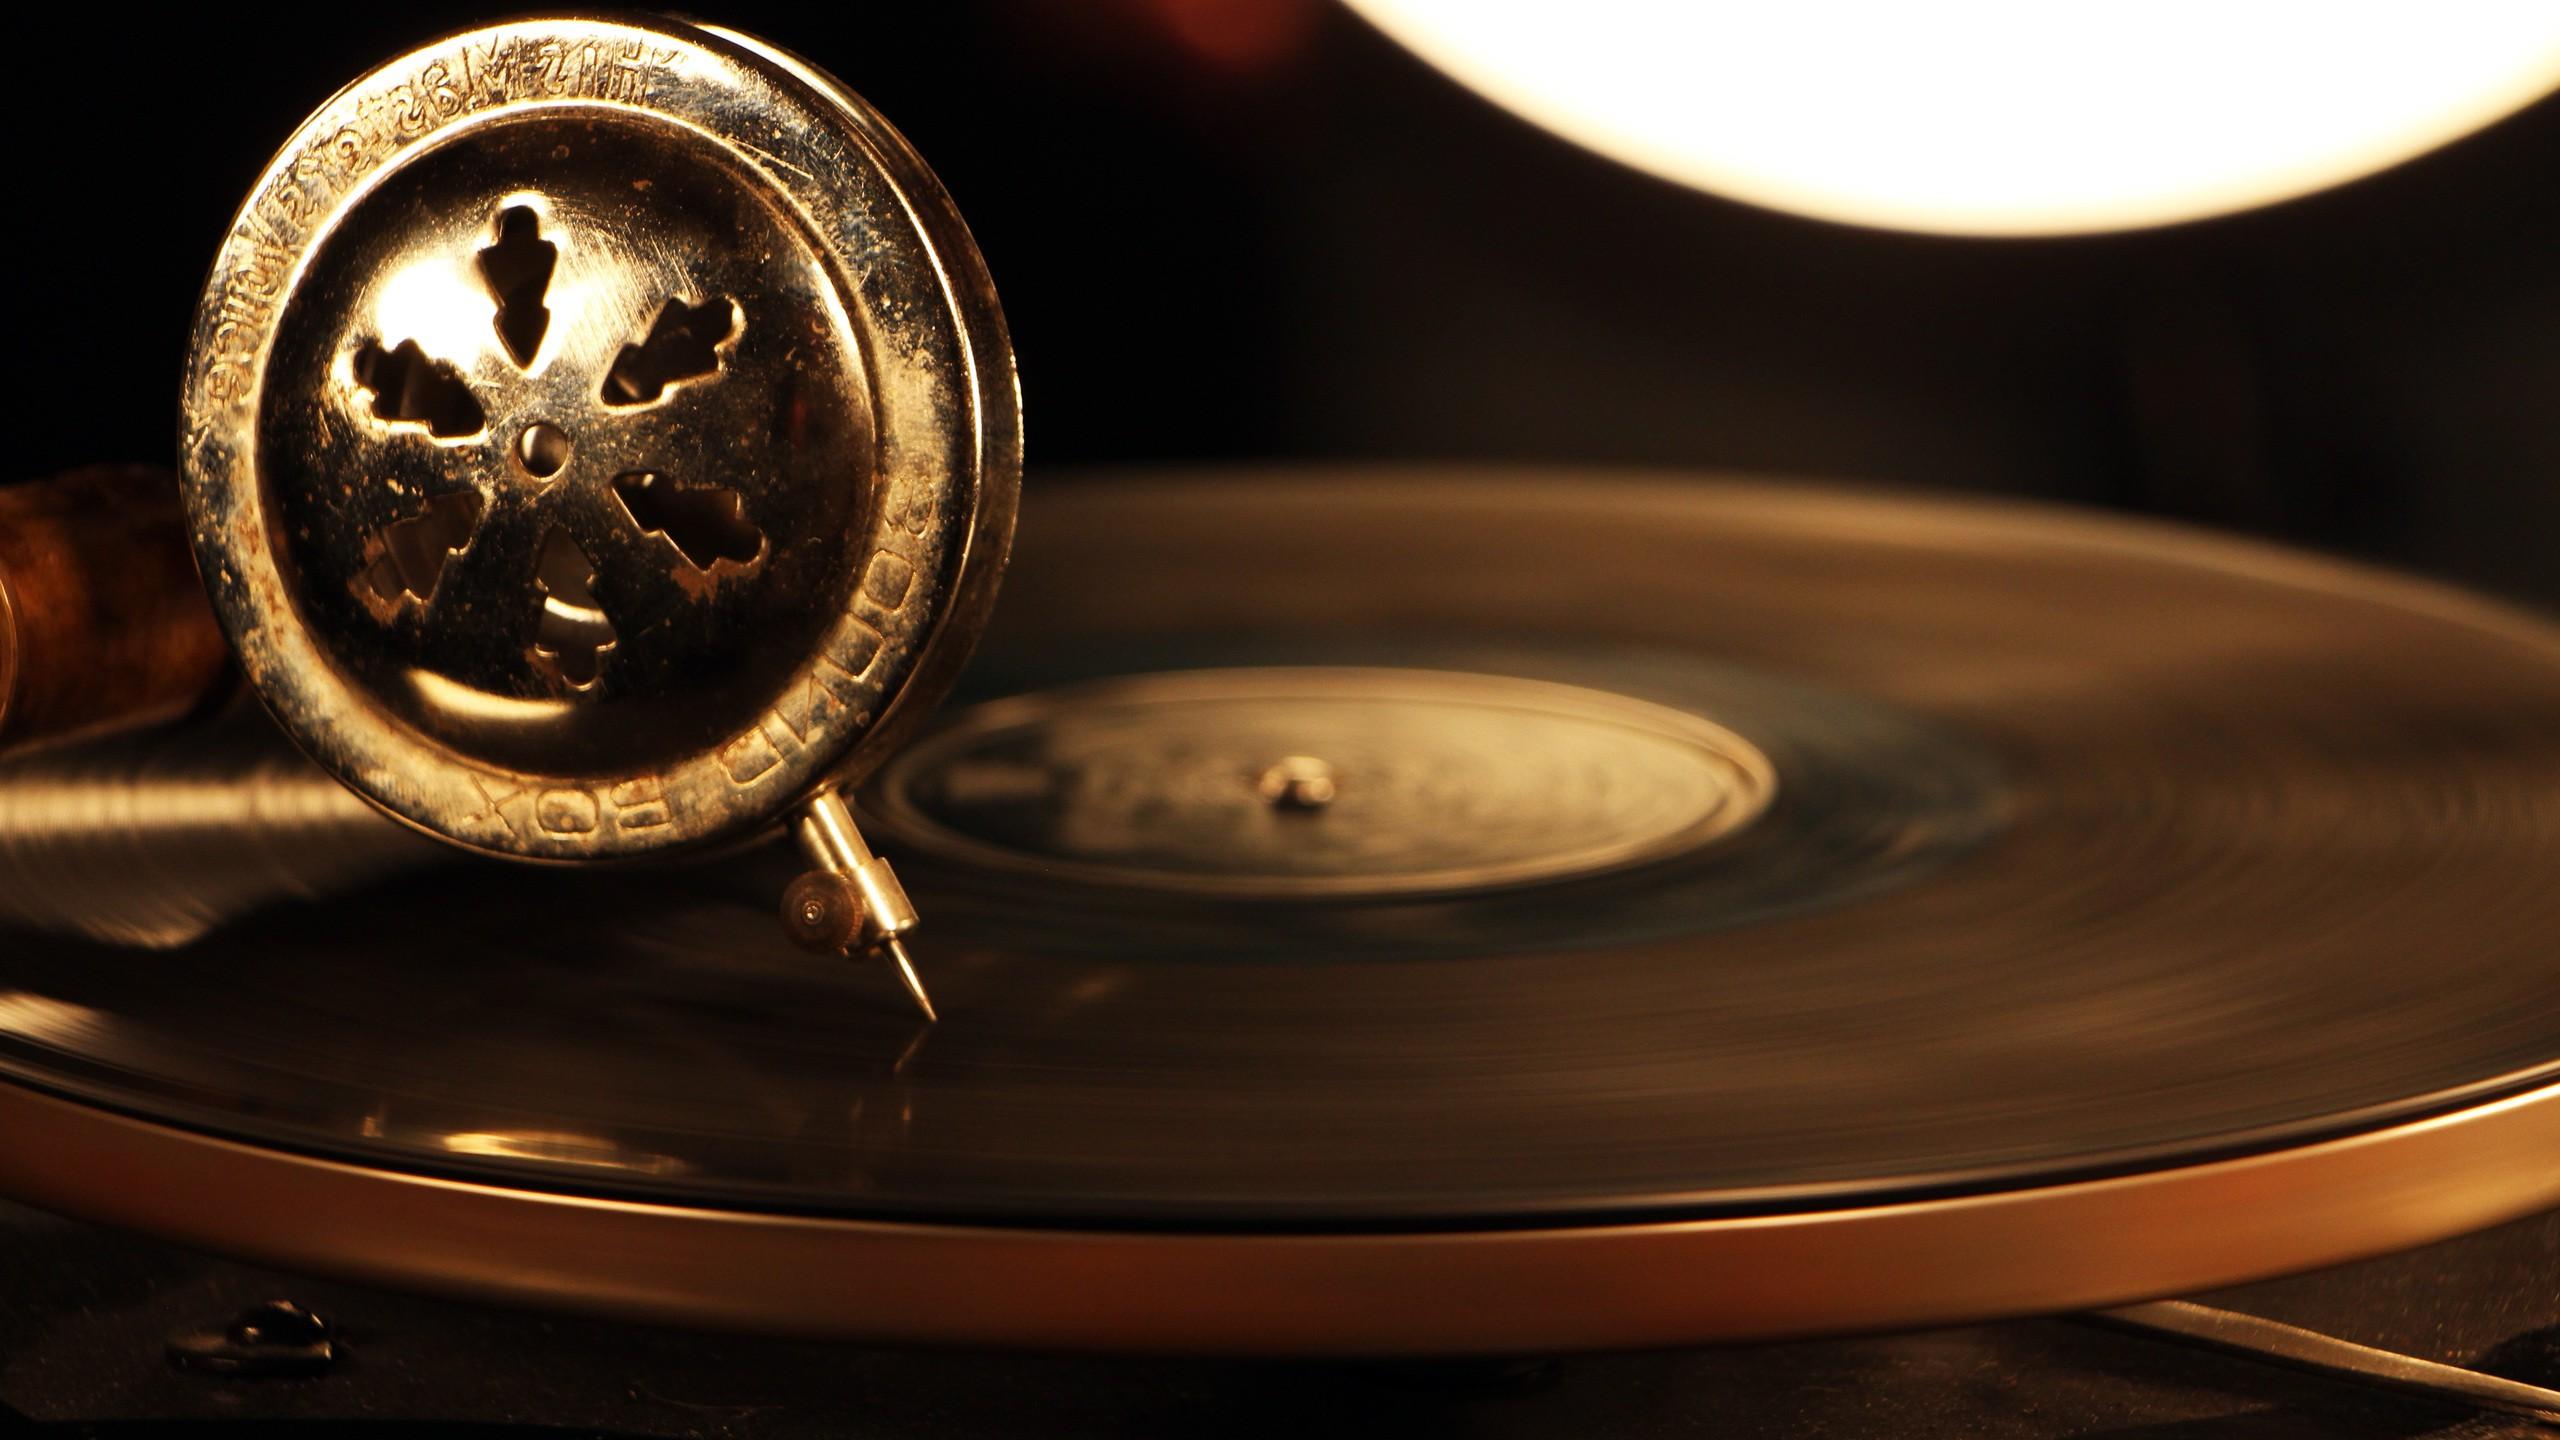 Wallpaper Music Metal Technology Circle Vintage